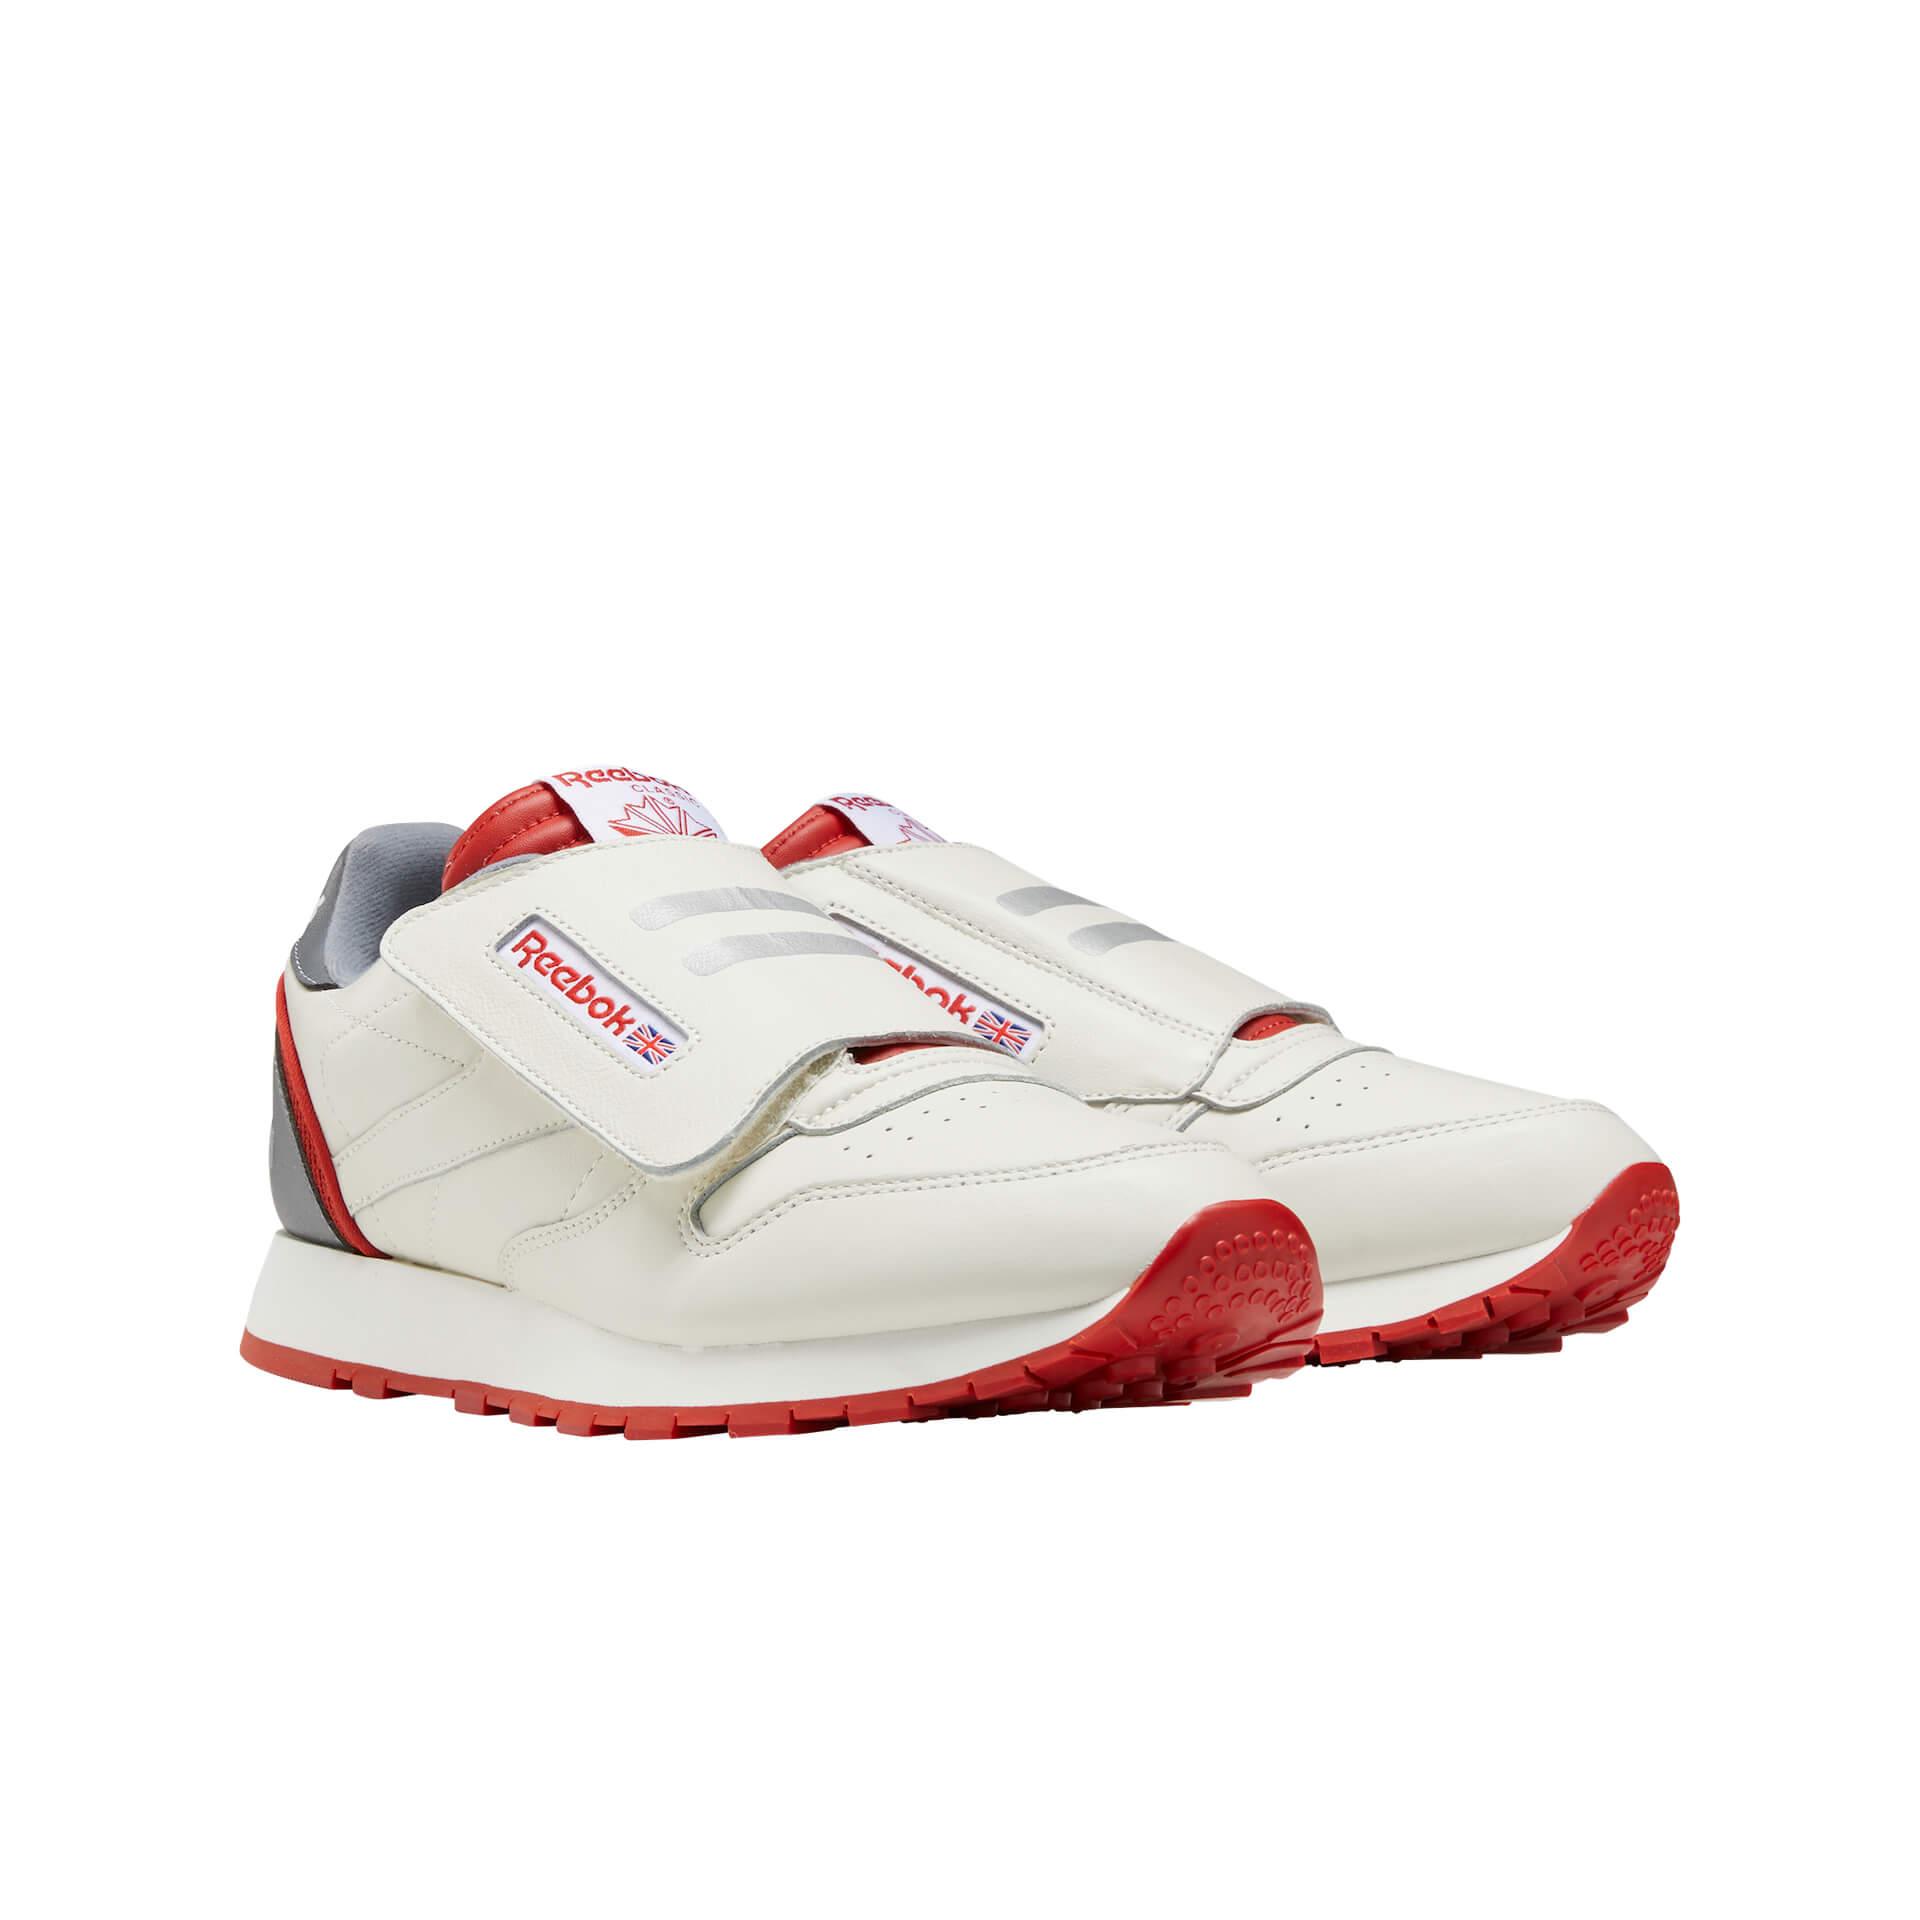 映画『エイリアン』にも登場したモデルのデザインを踏襲したReebokのアイコニックモデル「CL LEATHER STOMPER」が登場 life200413_reebok_shoes_8